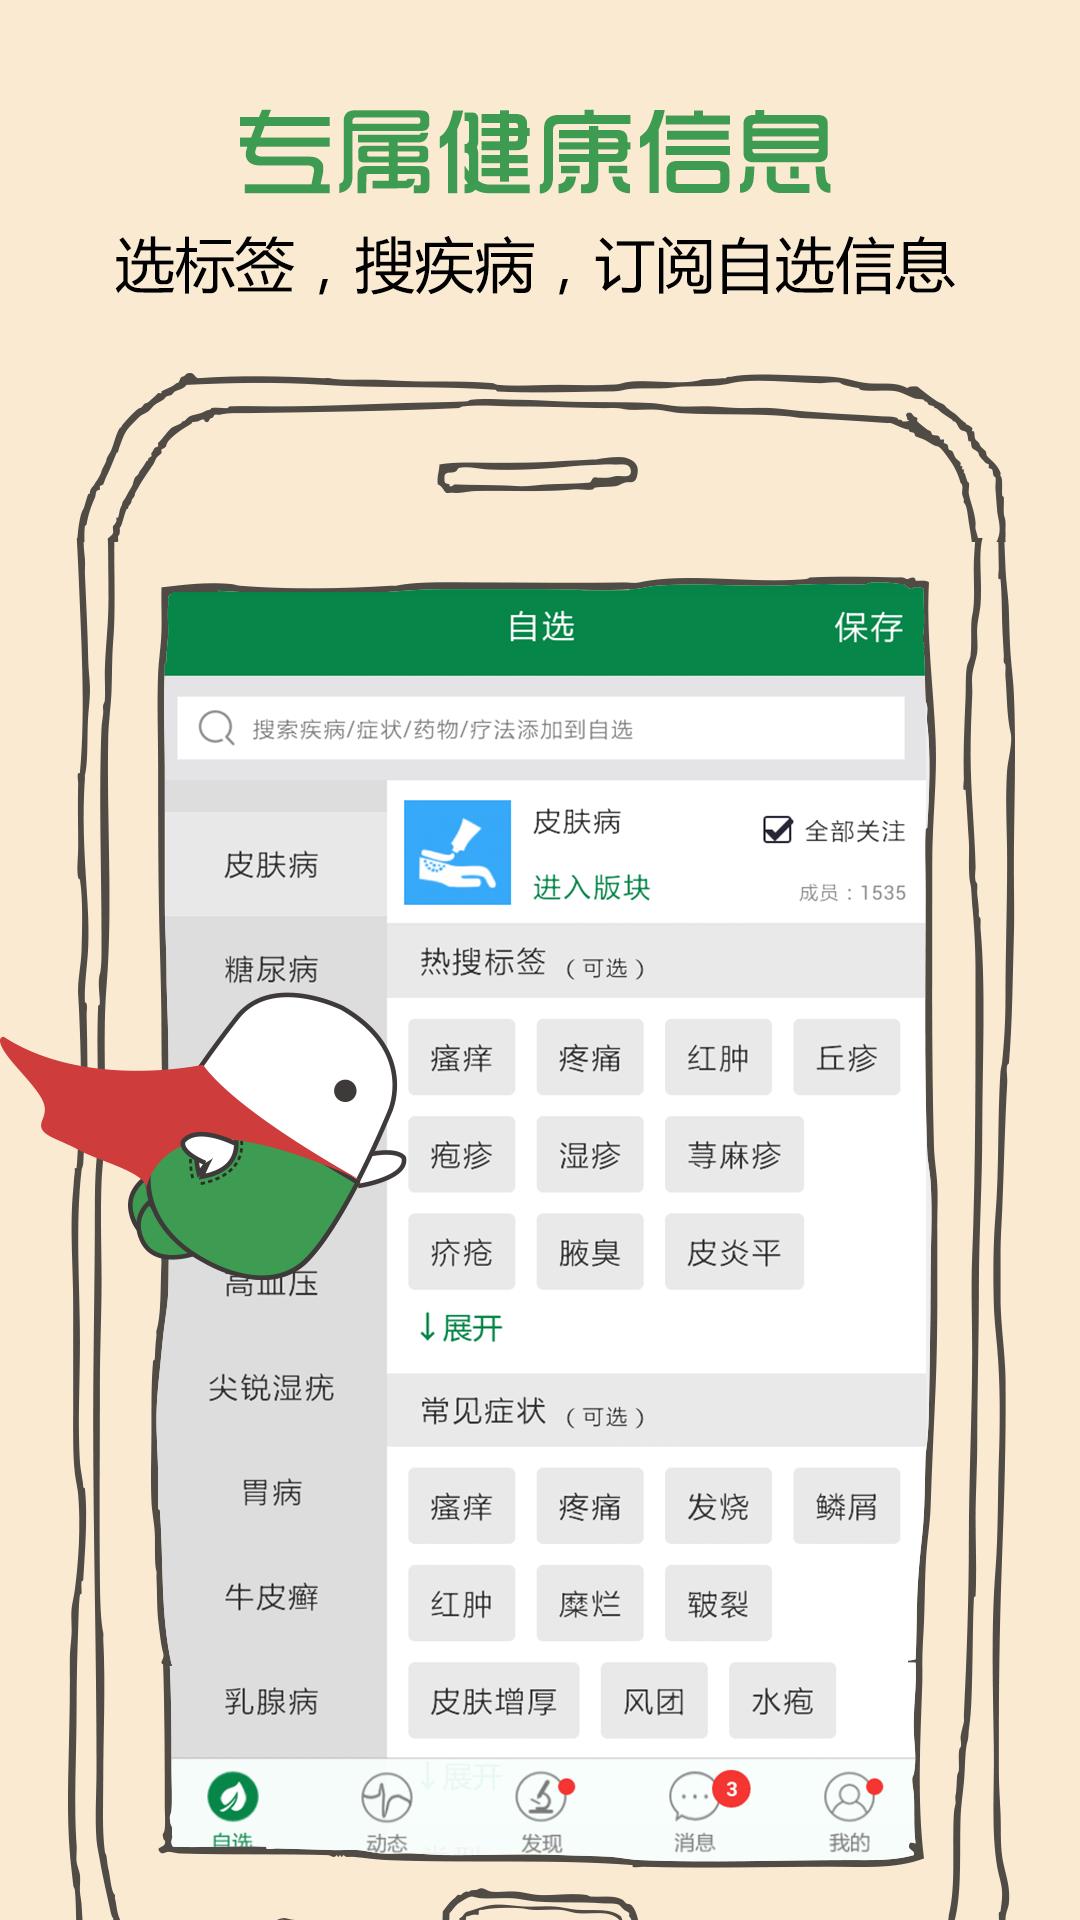 慢友帮app下载